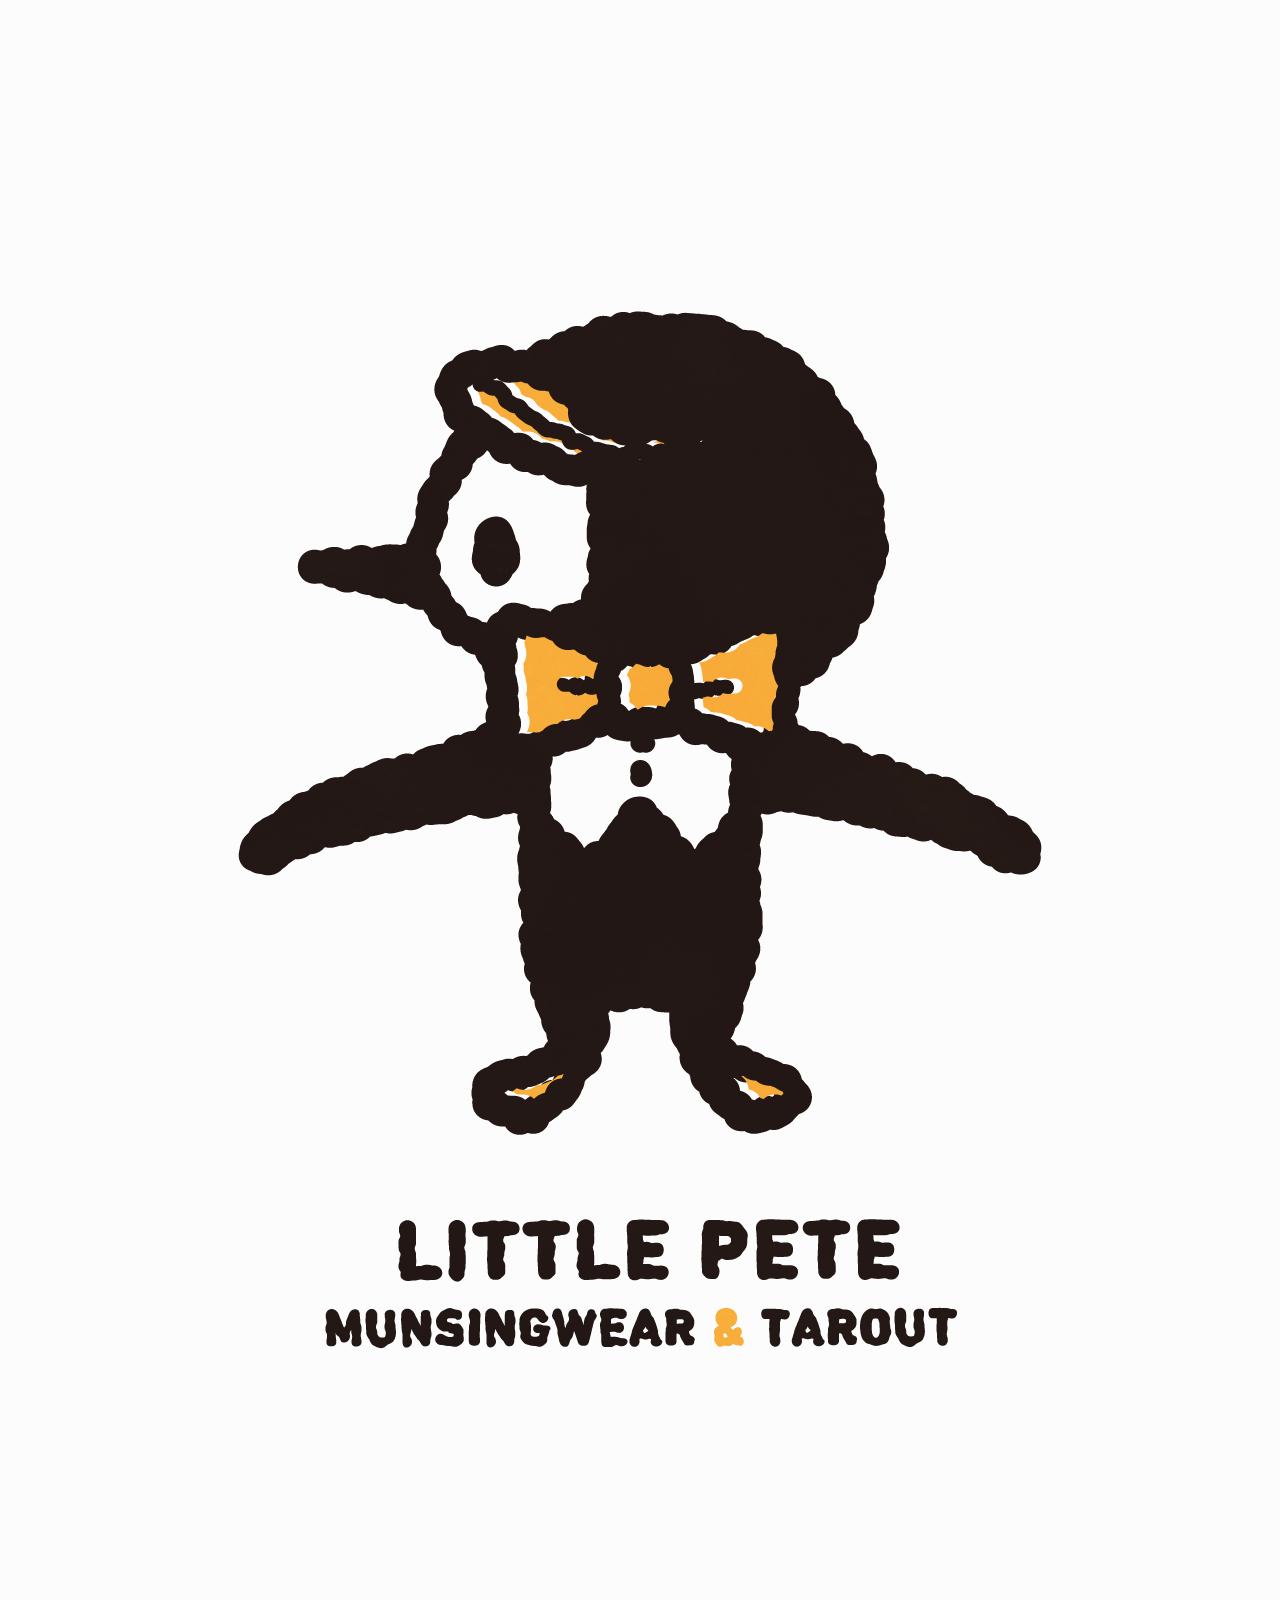 ペンギンのロゴマークでお馴染みの世界的老舗ゴルフブランド「マンシングウェア」とタロアウトとのコラボレーションが誕生しました🐧!